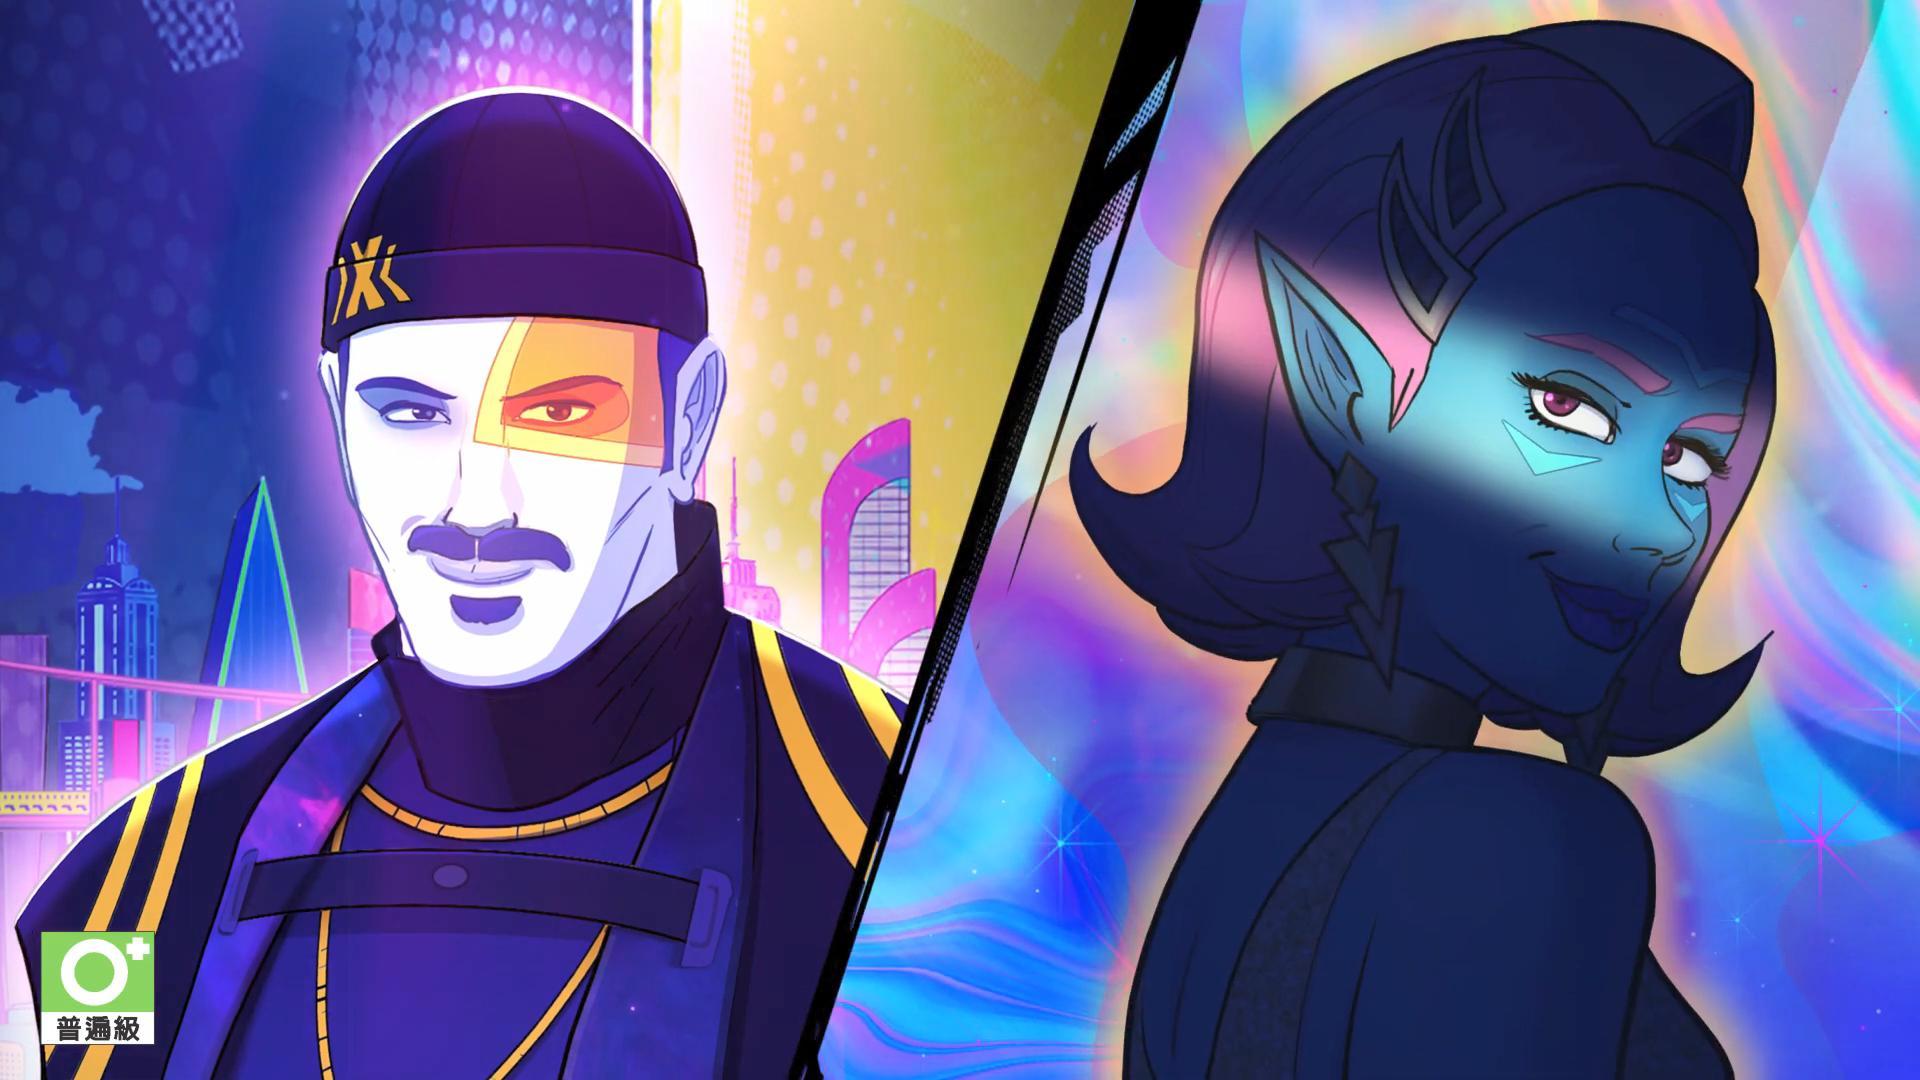 《舞力全开2021》第四季揭露预告片 抢先体验《舞力全开2022》